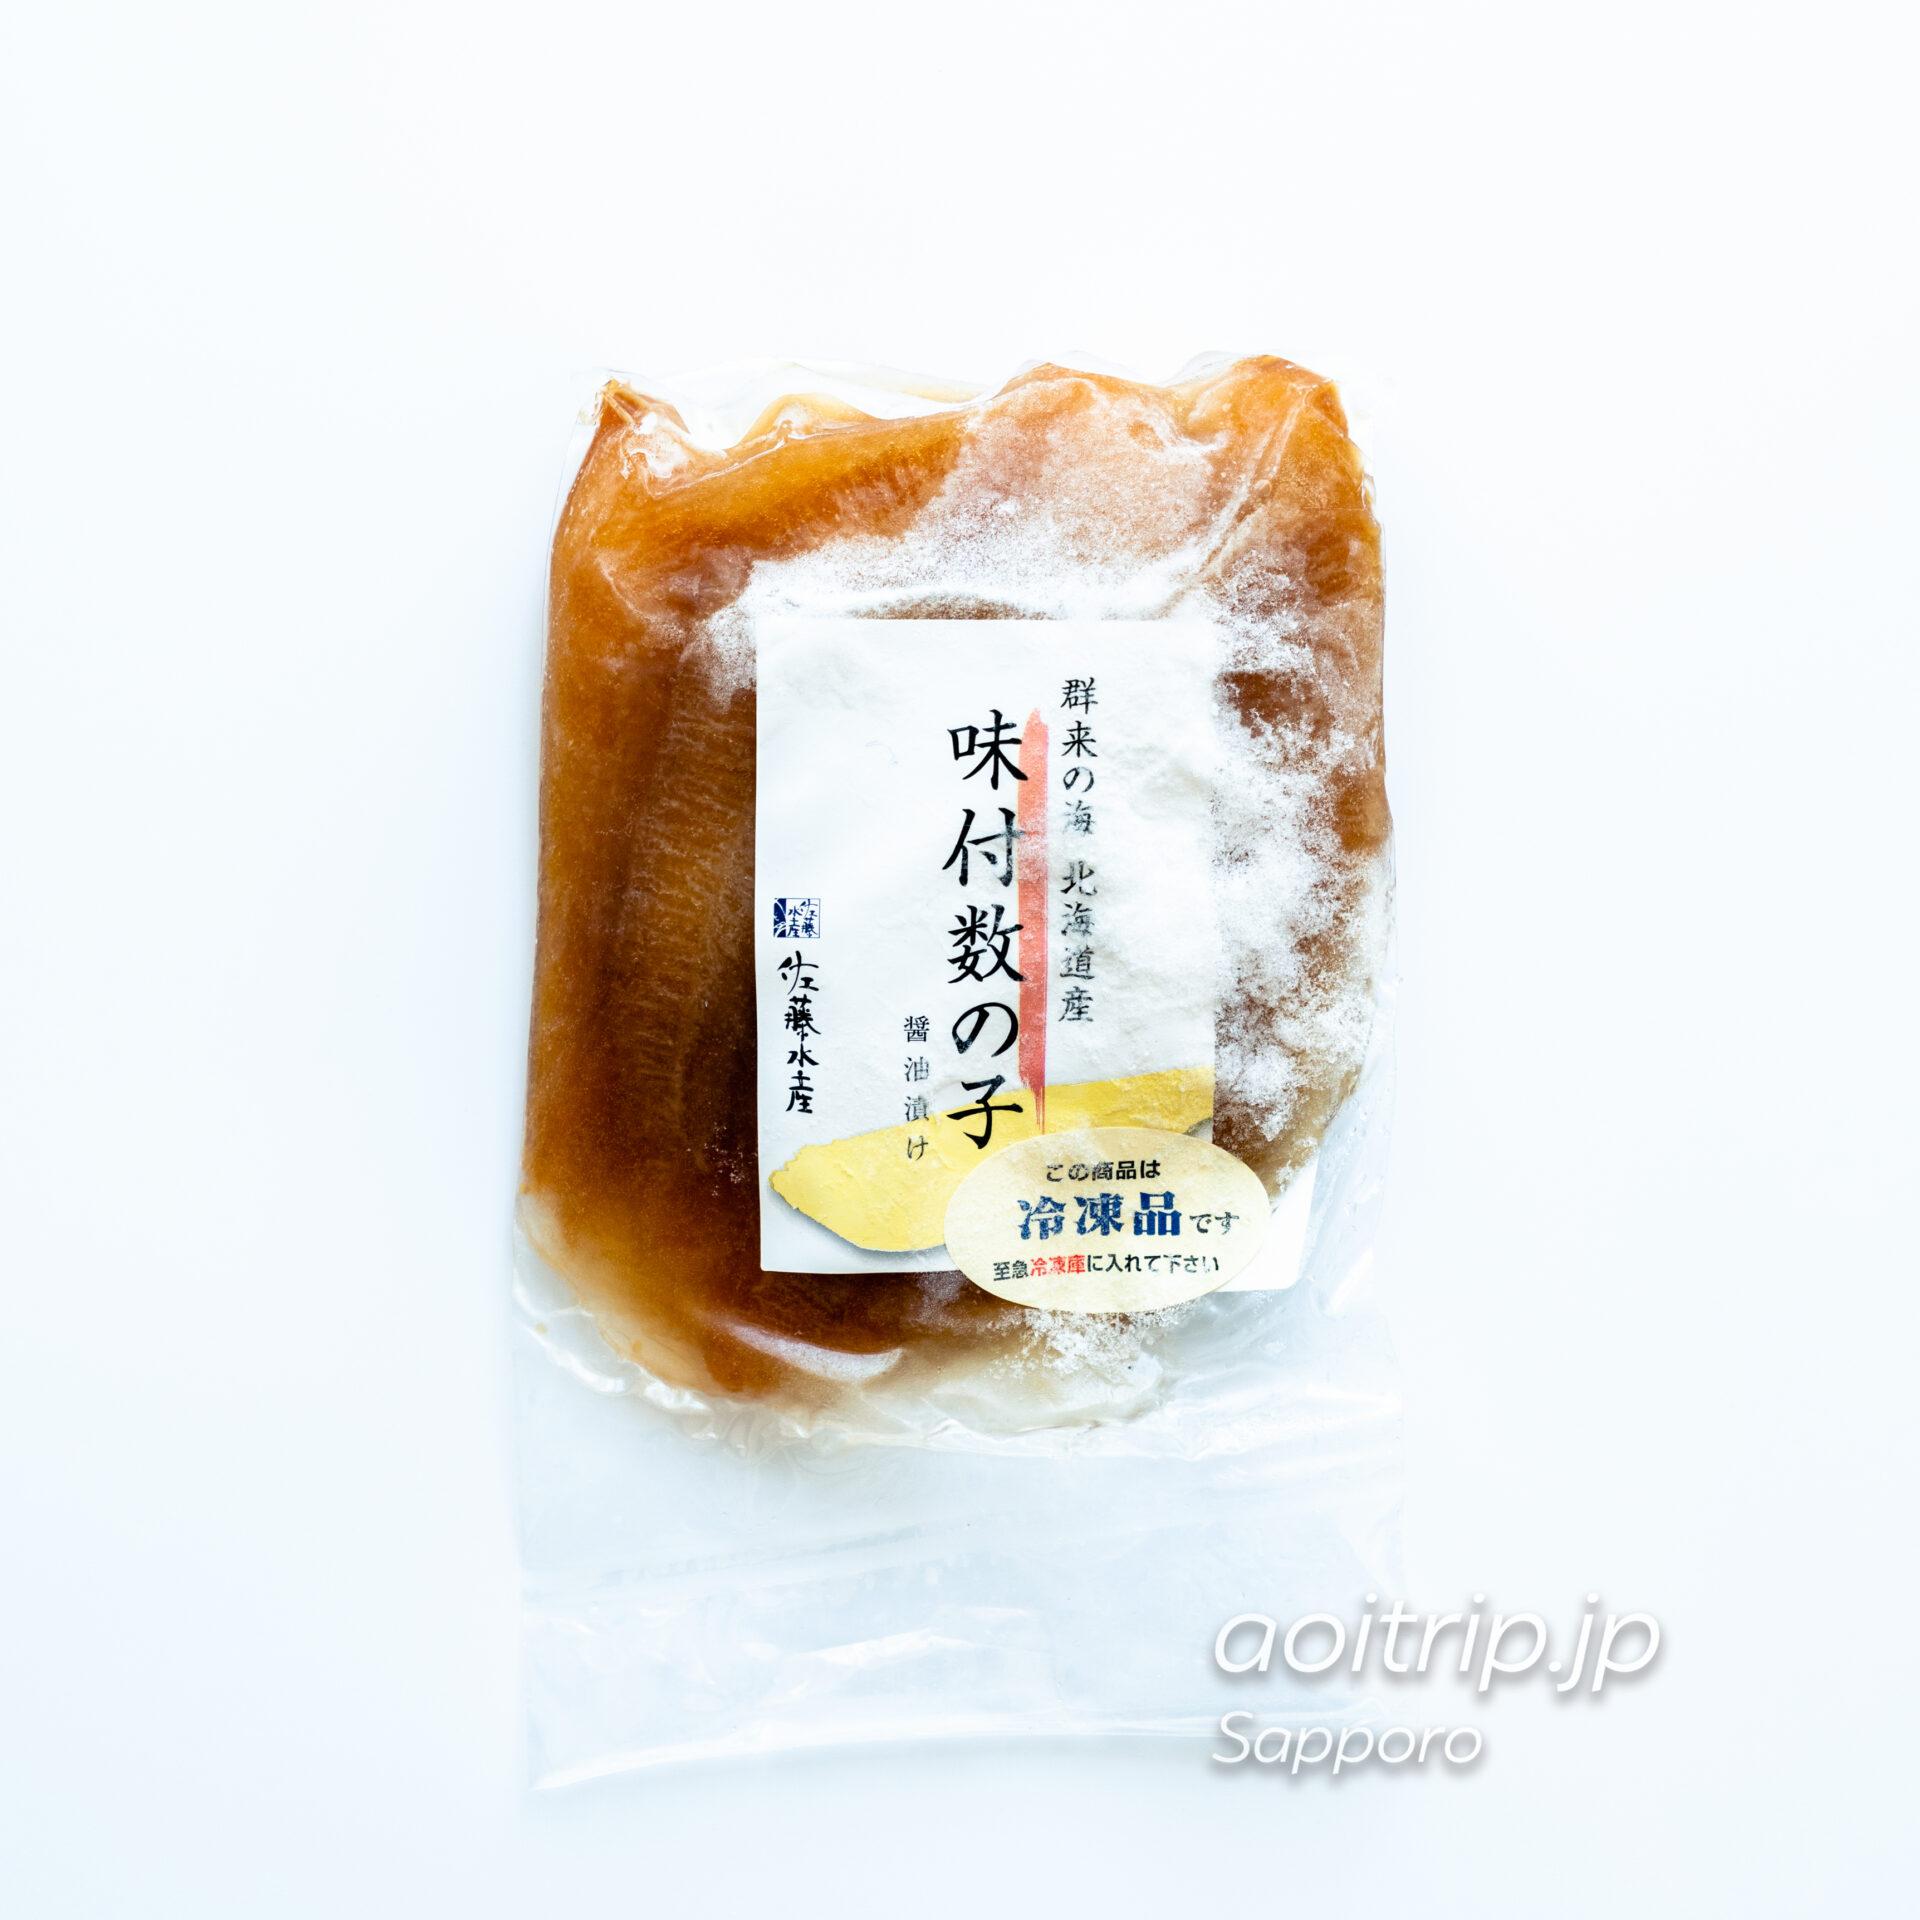 佐藤水産 北海道ニシンの味付数の子